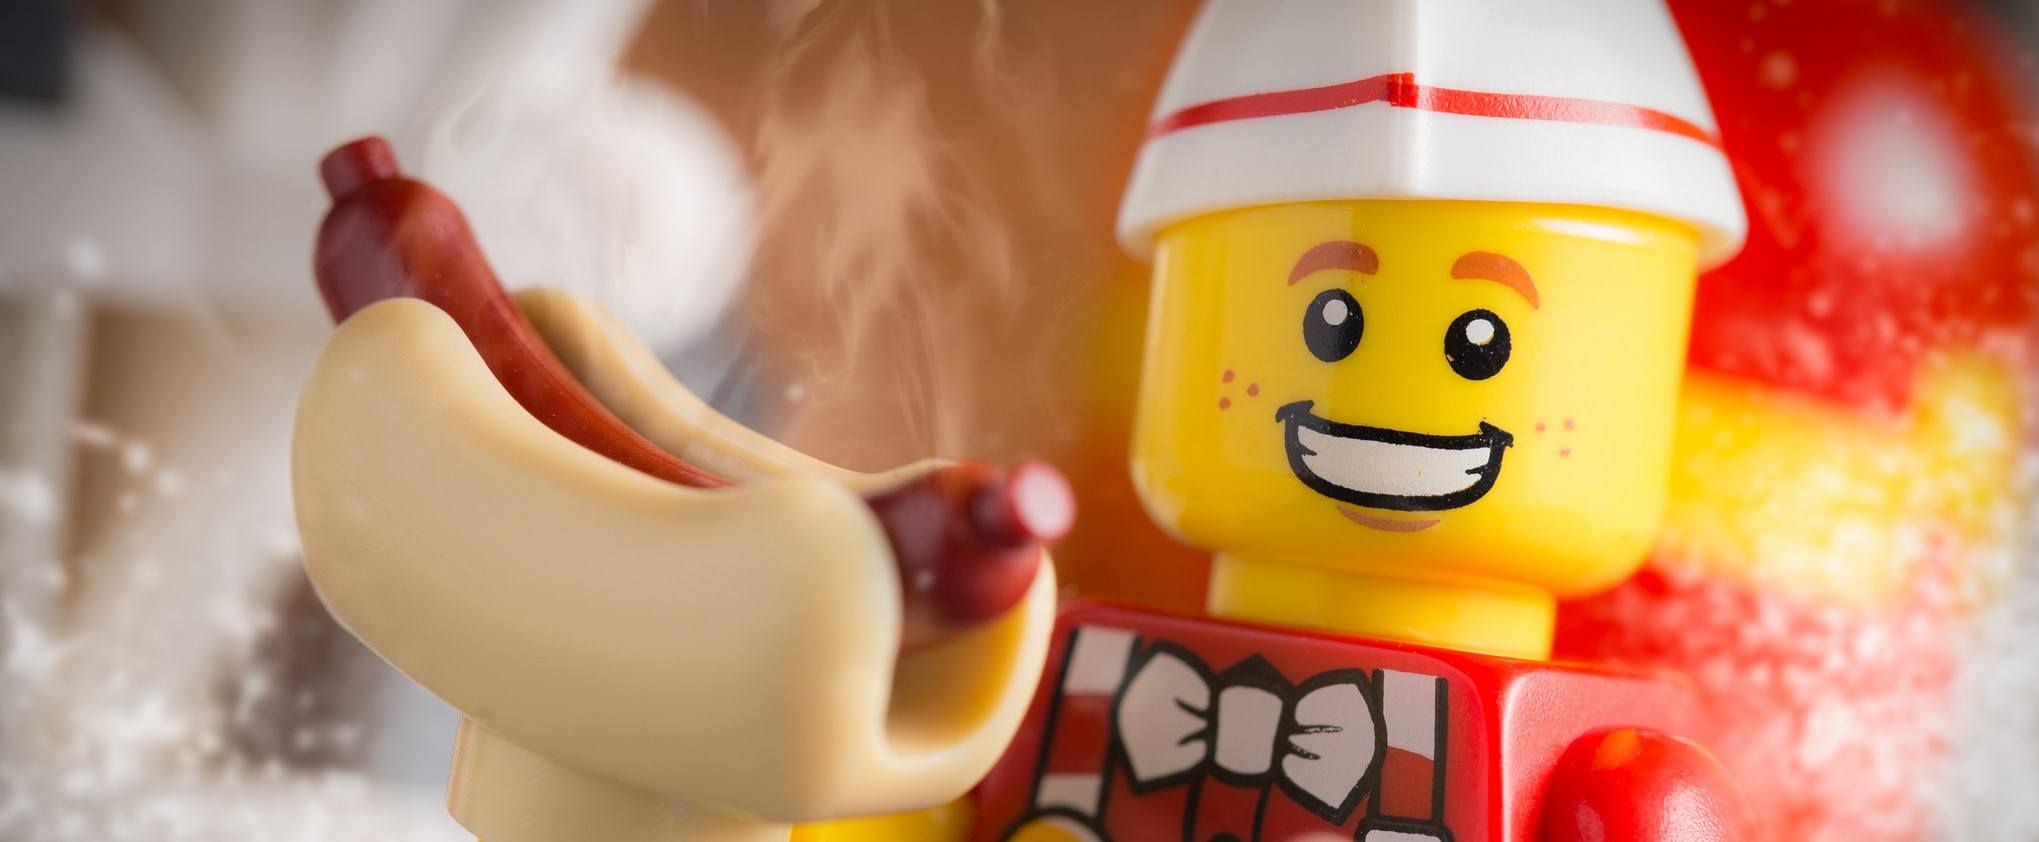 LEGO memegang hot dog, yang dapat membantu tujuan proteinnya.